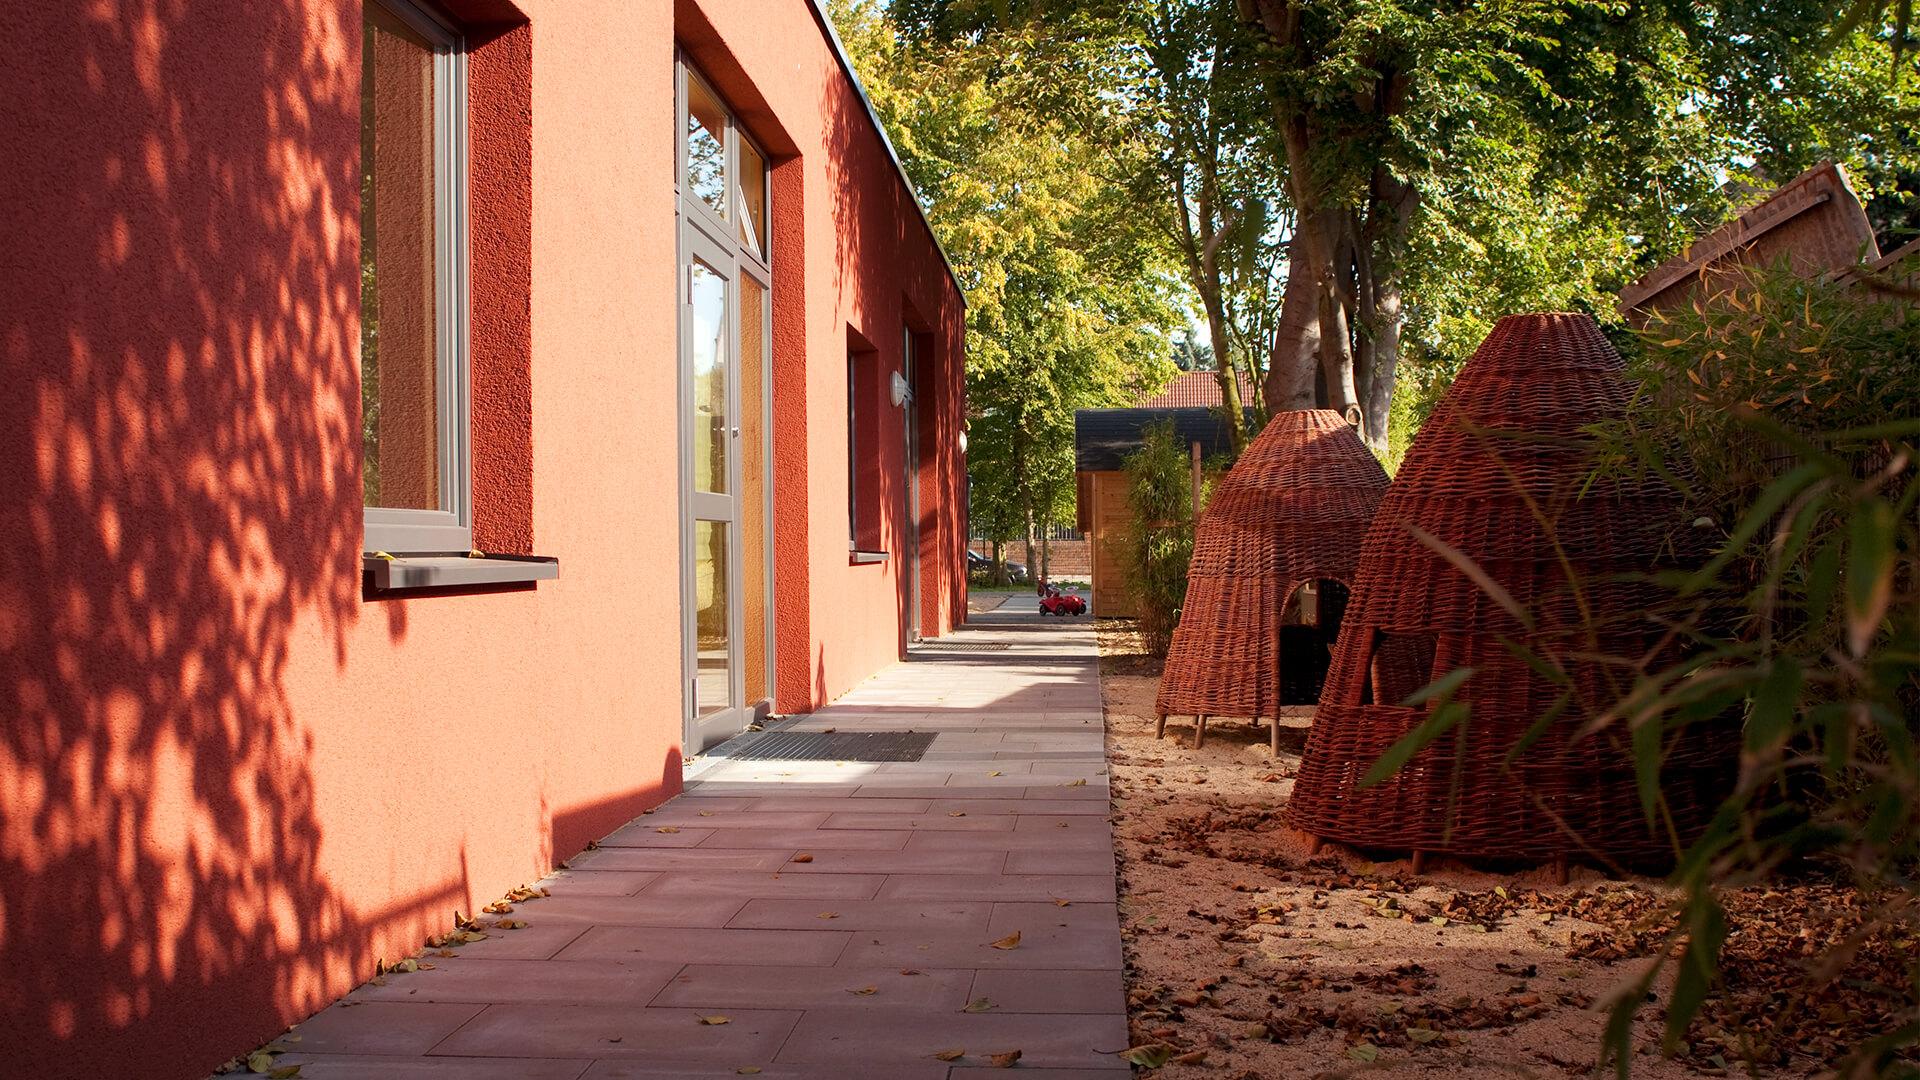 Sonnengeschützter Außenbereich der Kita mit Indianer-Zelten aus Rattan-Korbgeflecht